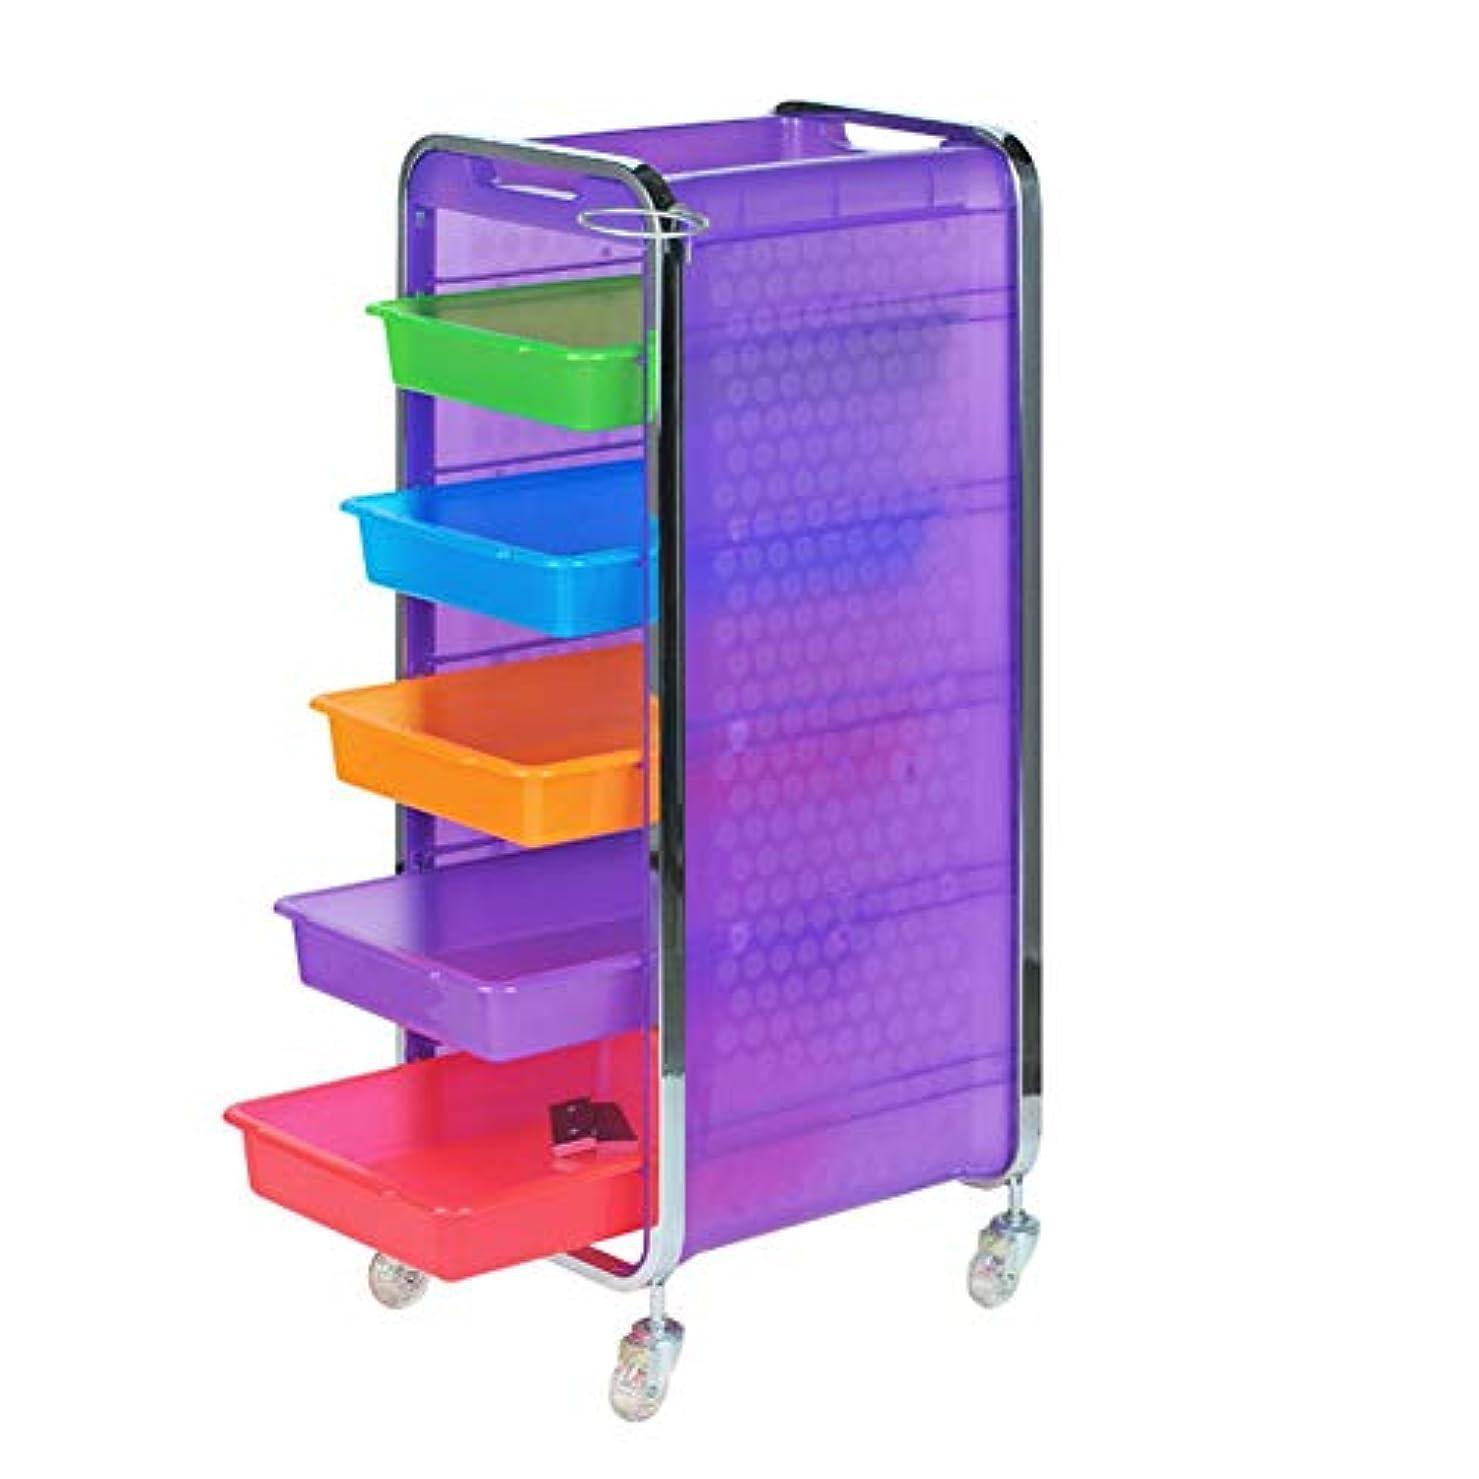 険しいシソーラス暗唱するサロン美容院トロリー美容美容収納カート6層トレイ多機能引き出し虹色,Purple,B